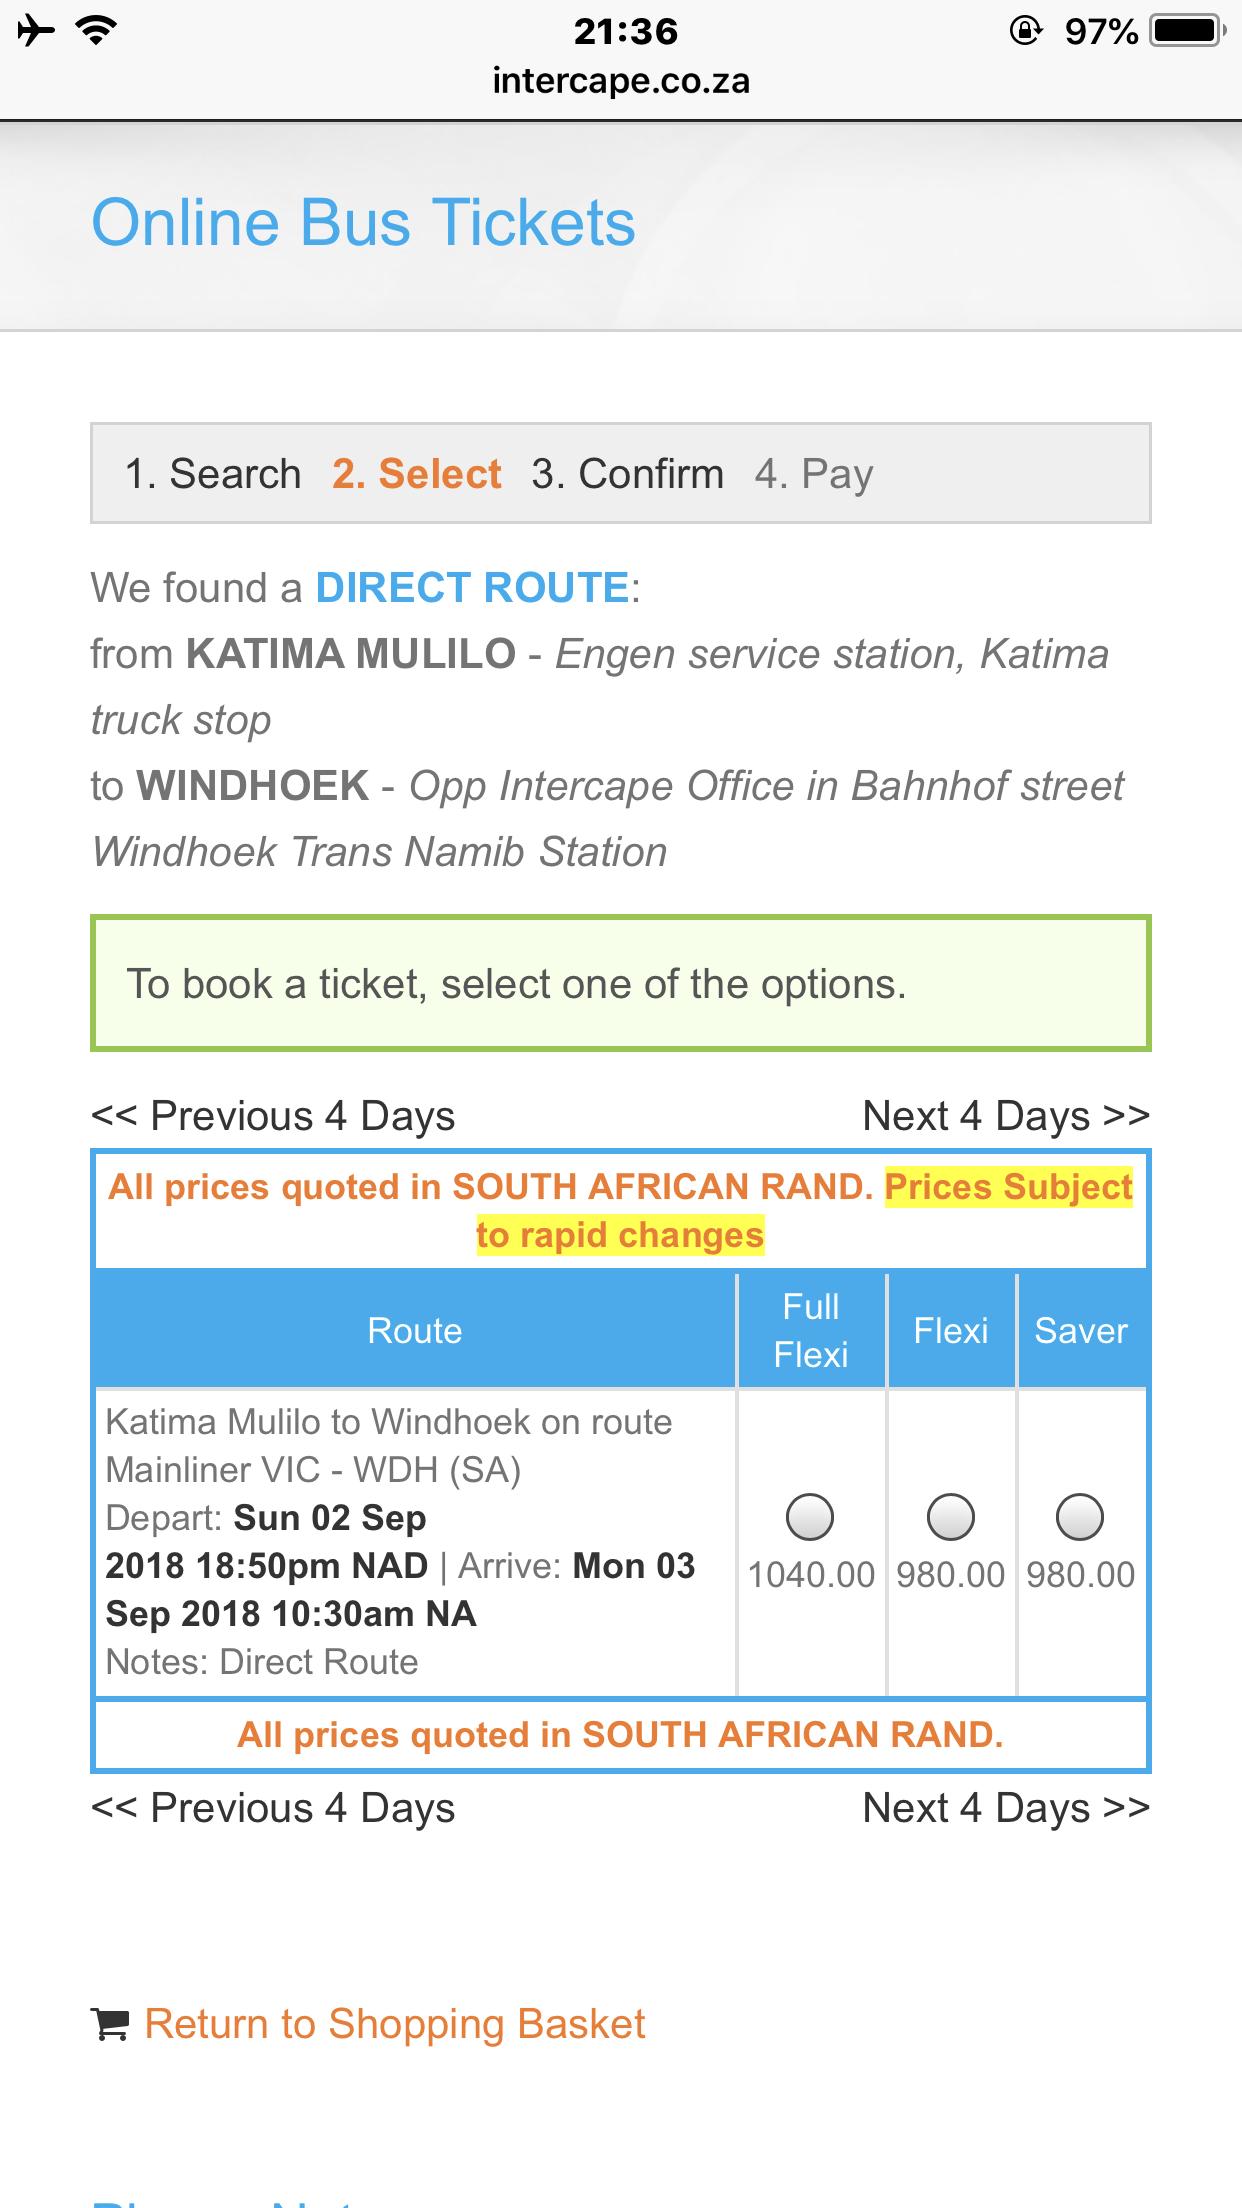 カティマムリロ→ウィントフック |インターケープ社の選択画面